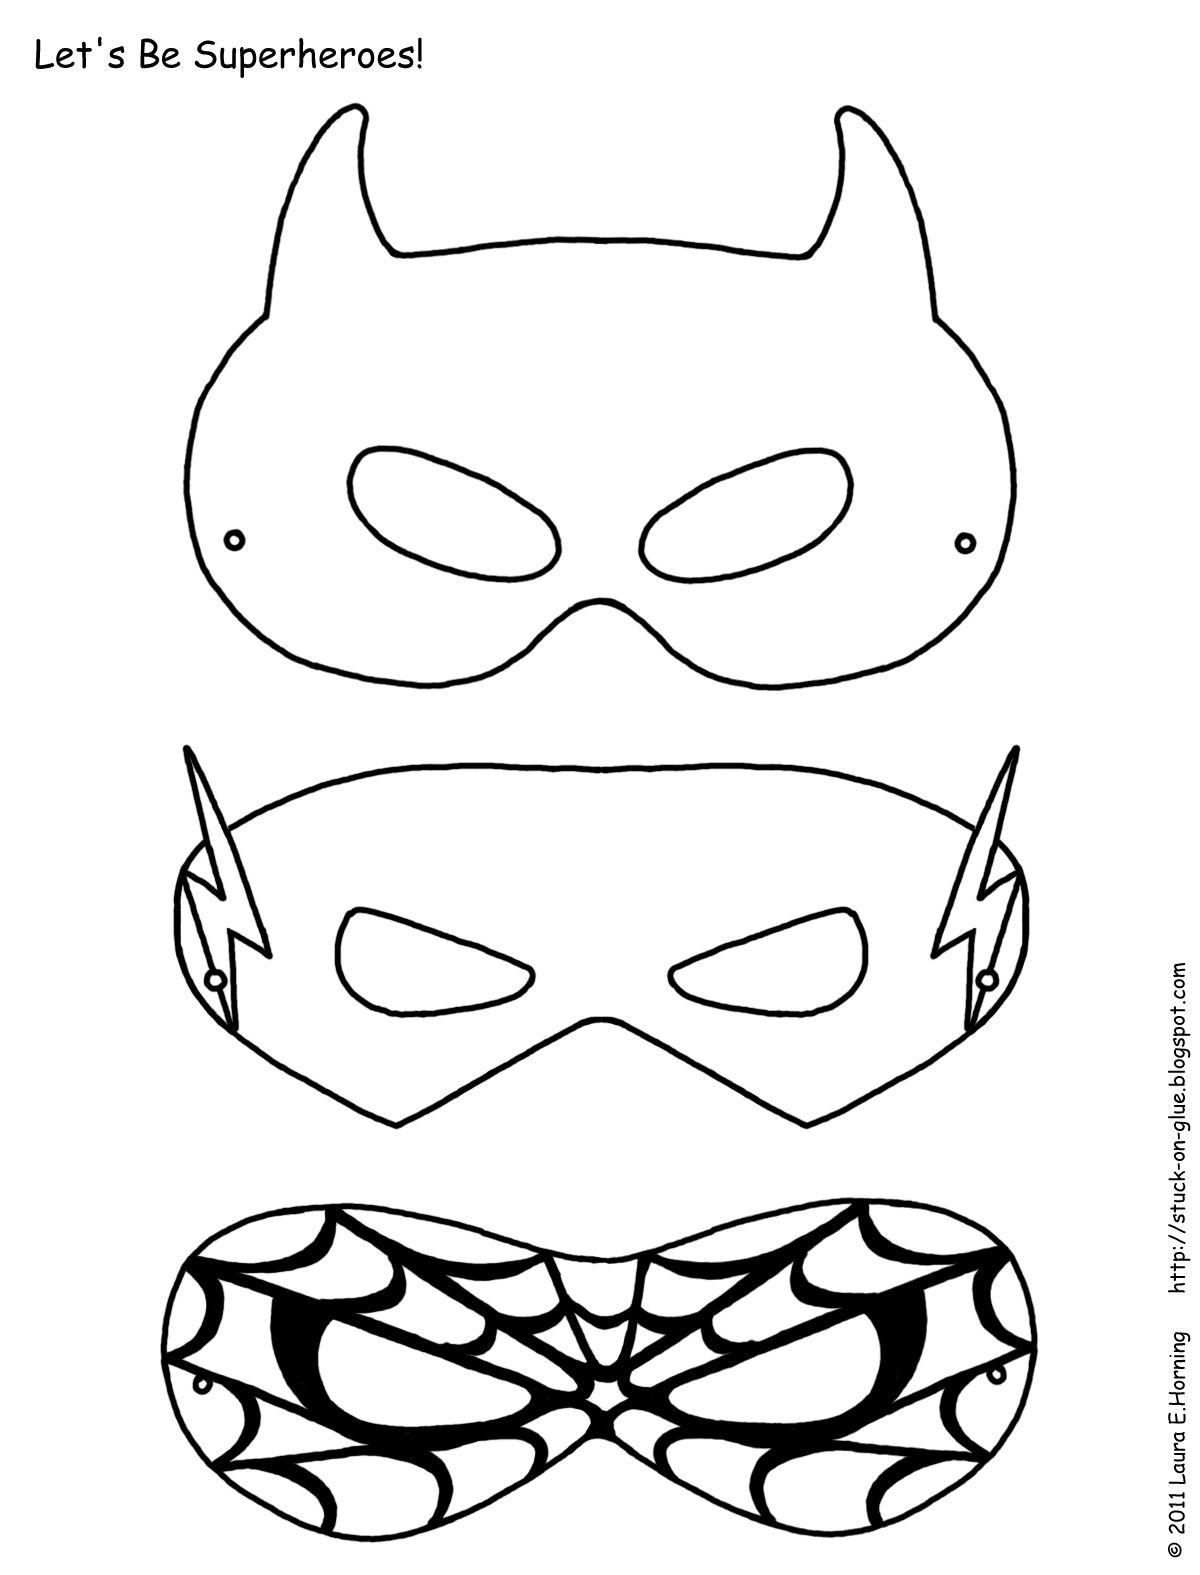 Mask Printable | Free Printable Superhero Mask Template | Masks - Free Printable Superhero Masks